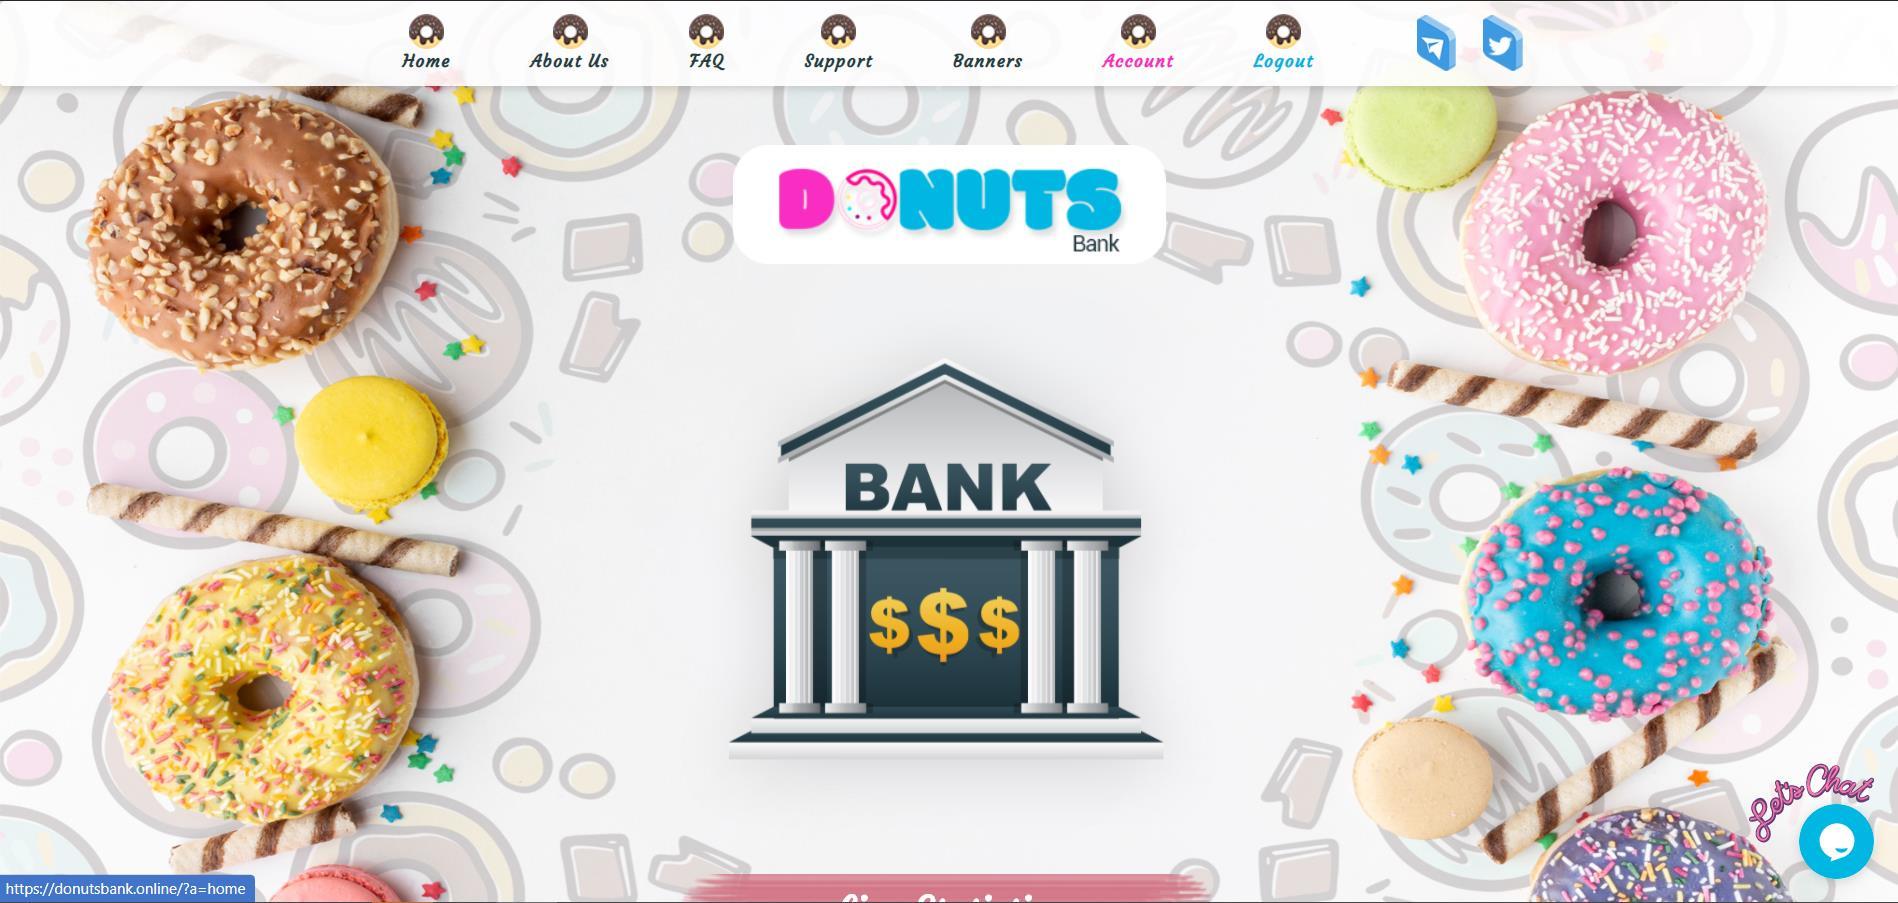 Donuts Bank